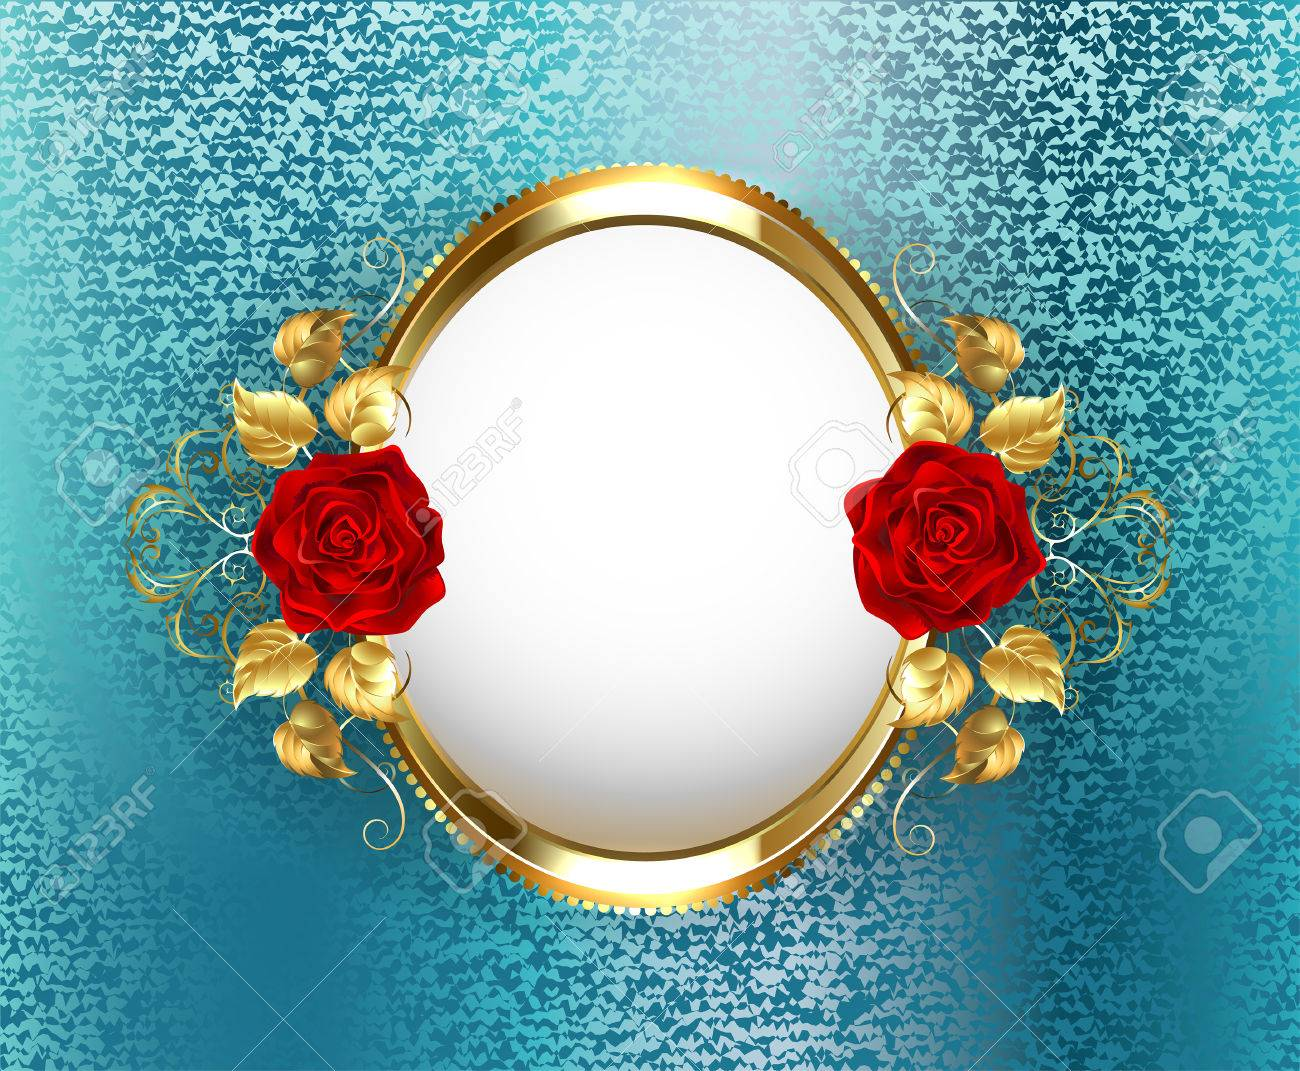 Marco Oval Del Oro Con Rosas Rojas Sobre Fondo Azul Turquesa